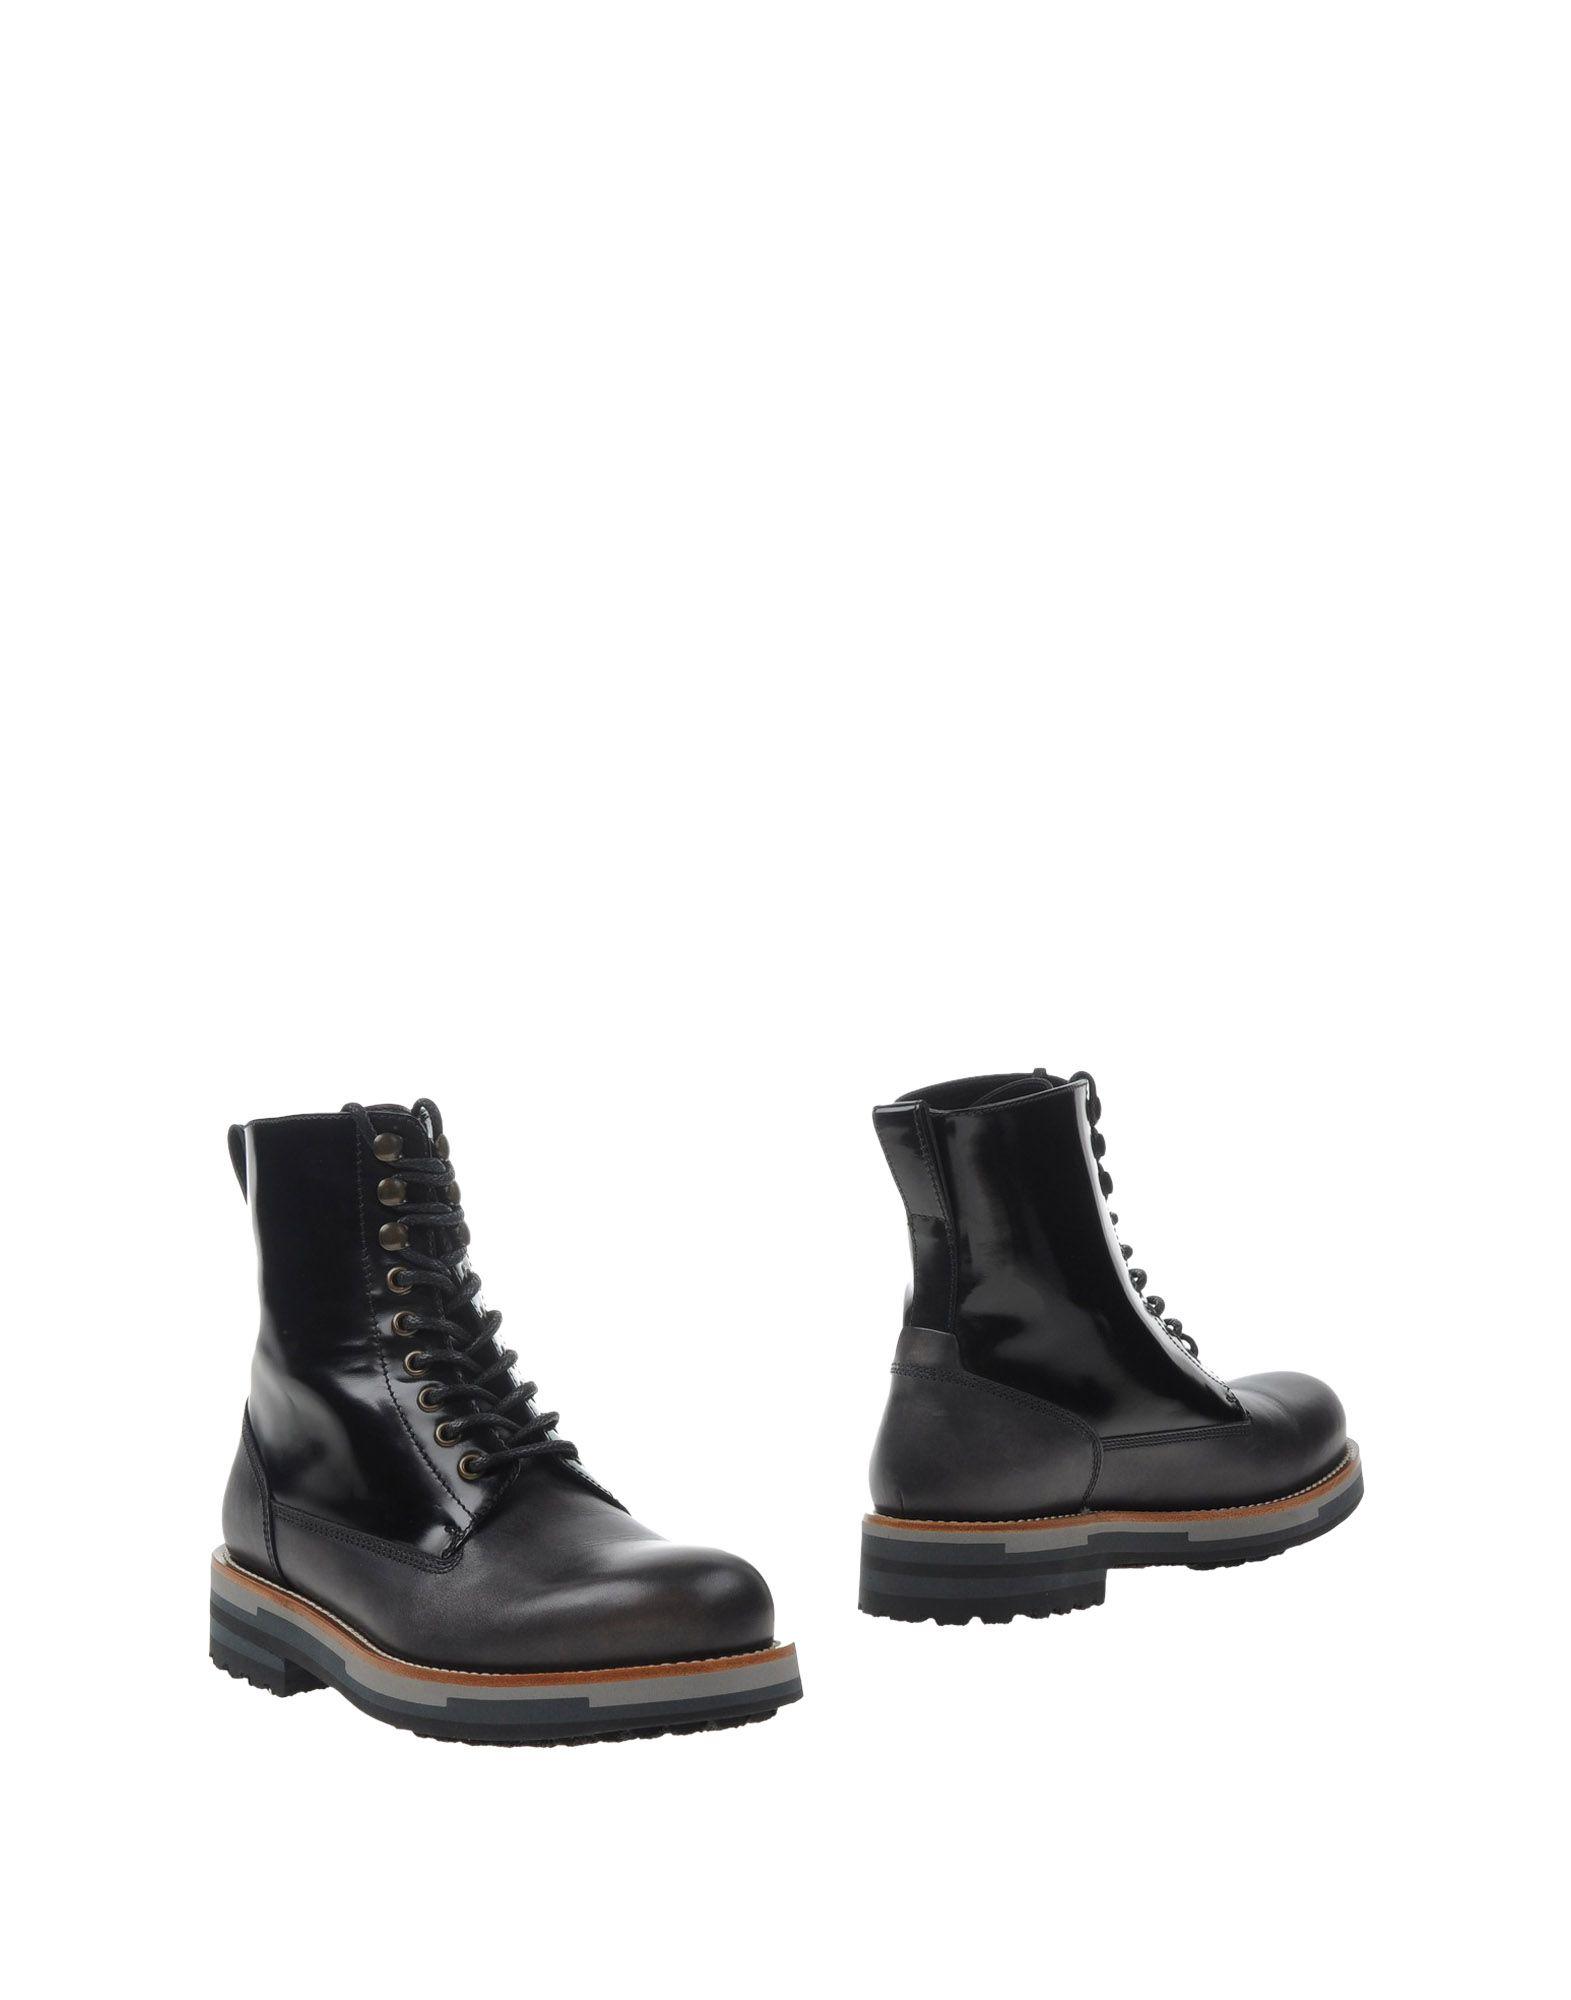 Dolce & Gabbana Stiefelette Herren  11069081KN Gute Qualität beliebte Schuhe